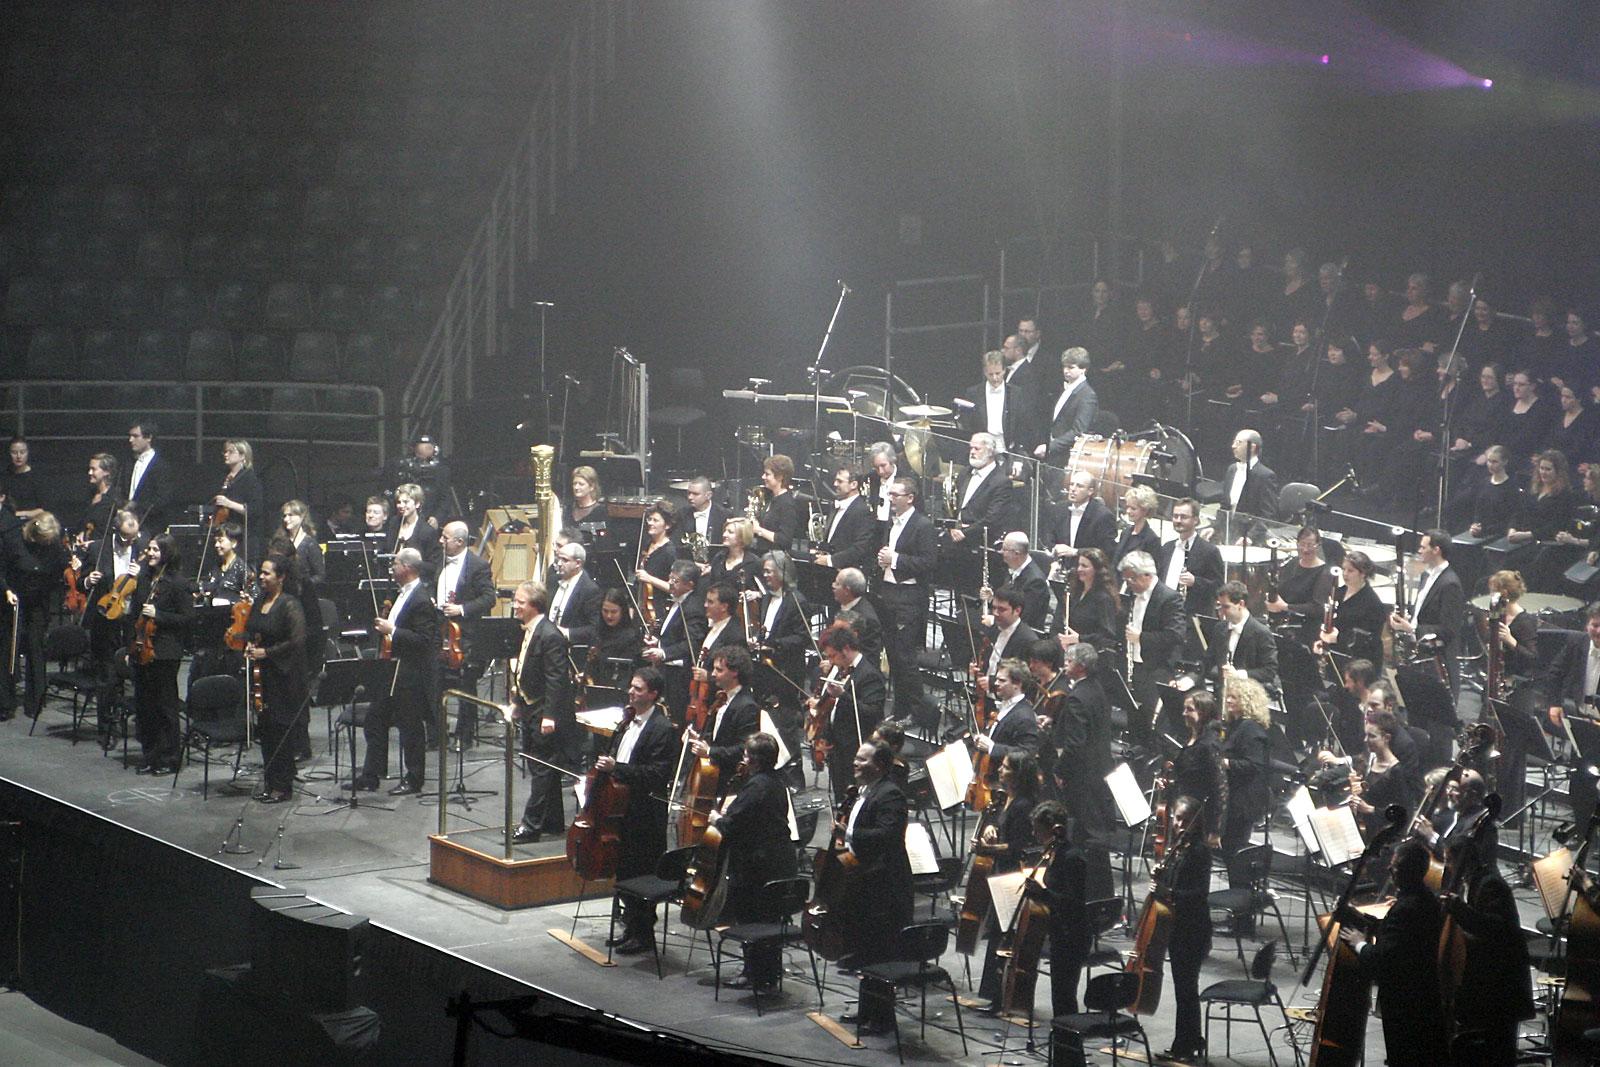 Melbourne_symphony_orchestra.jpg